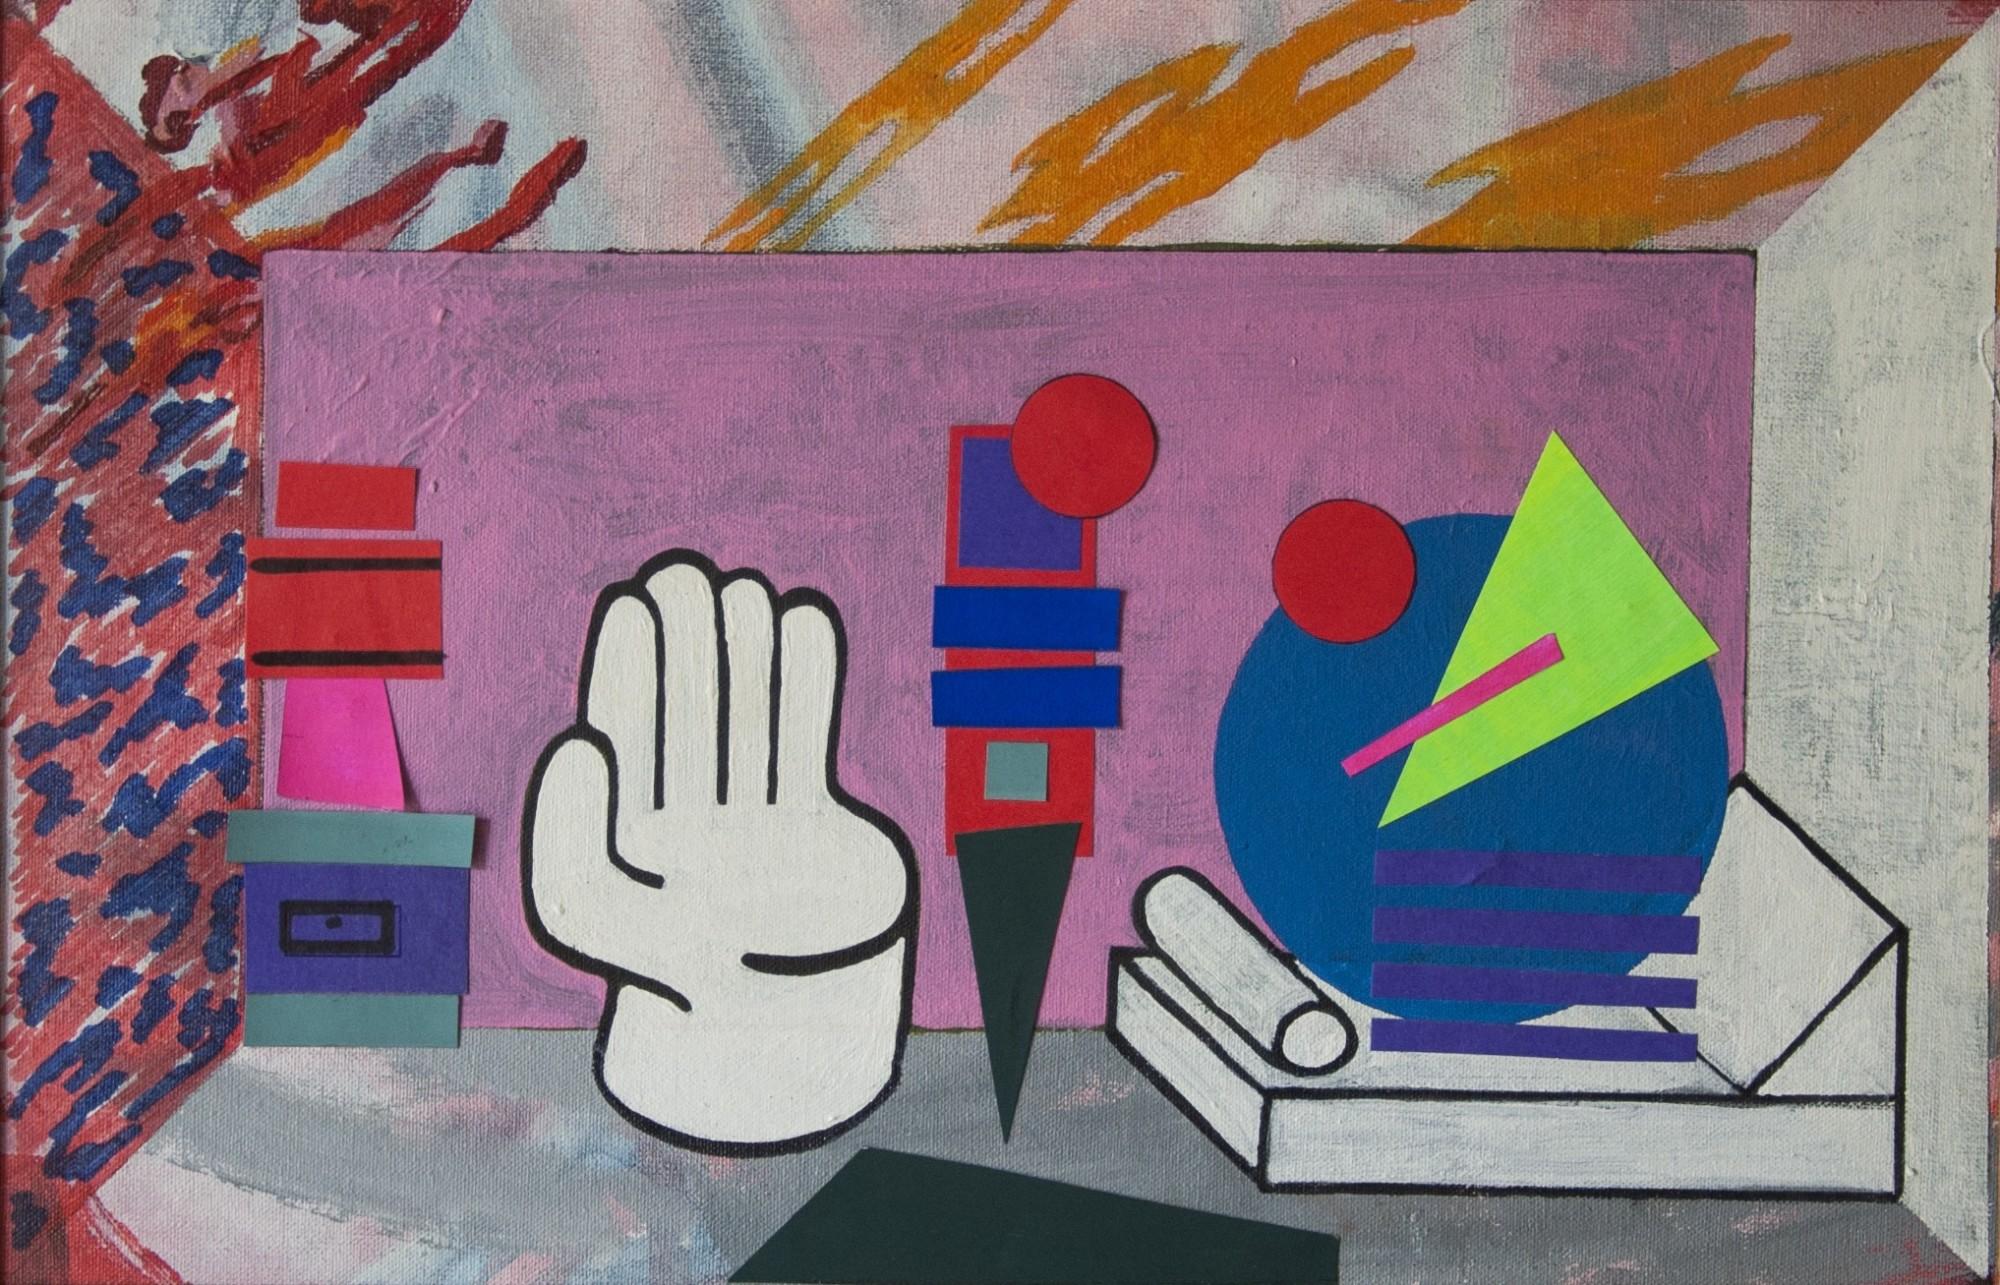 Ad Minoliti, Living con Mano, 2013